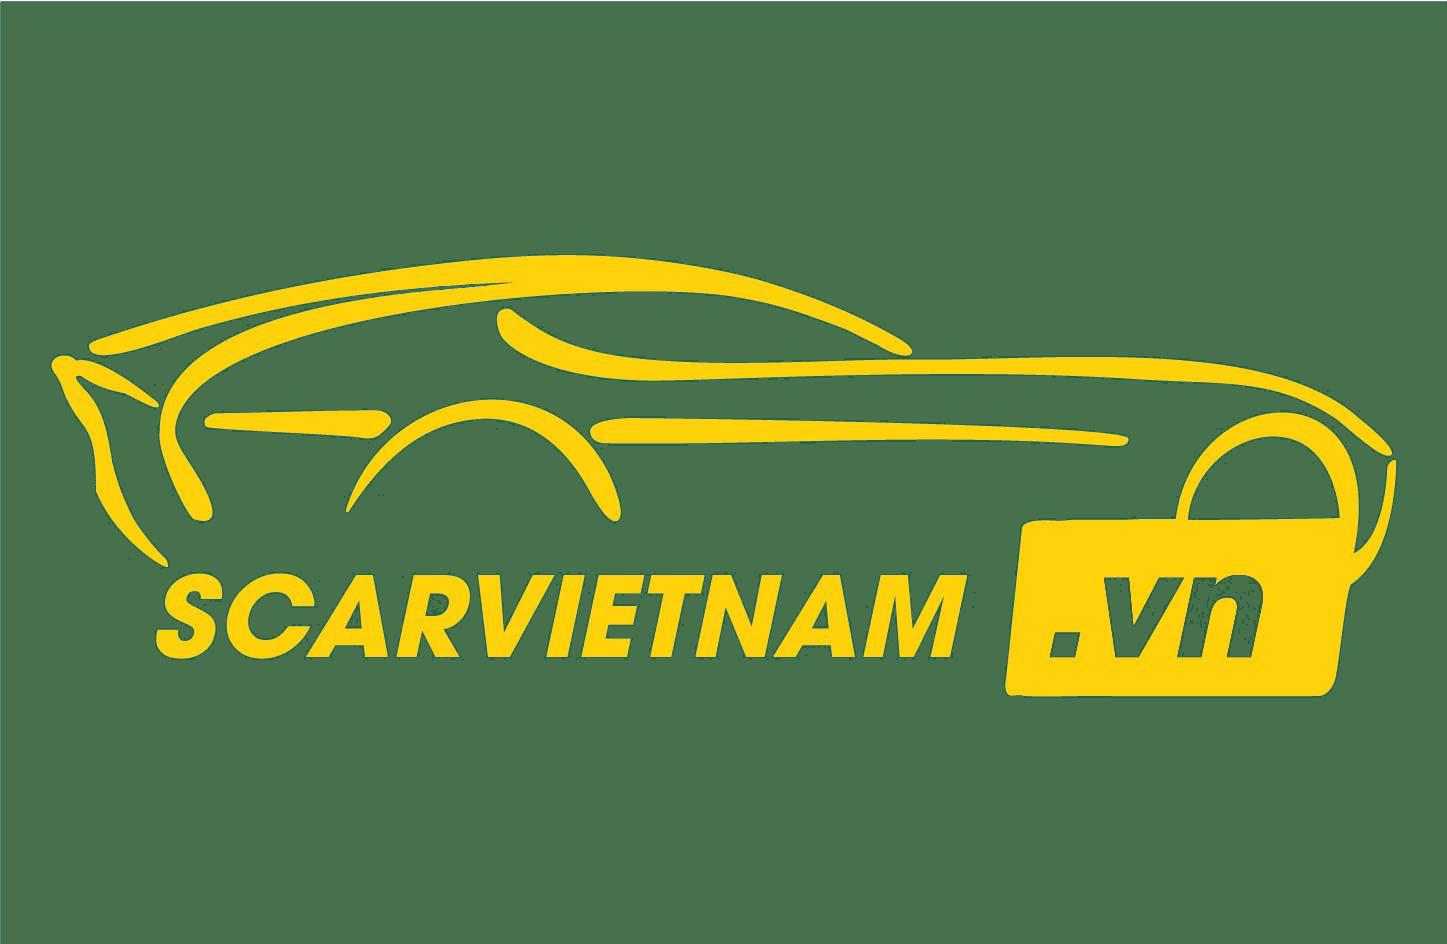 SCAR VIỆT NAM